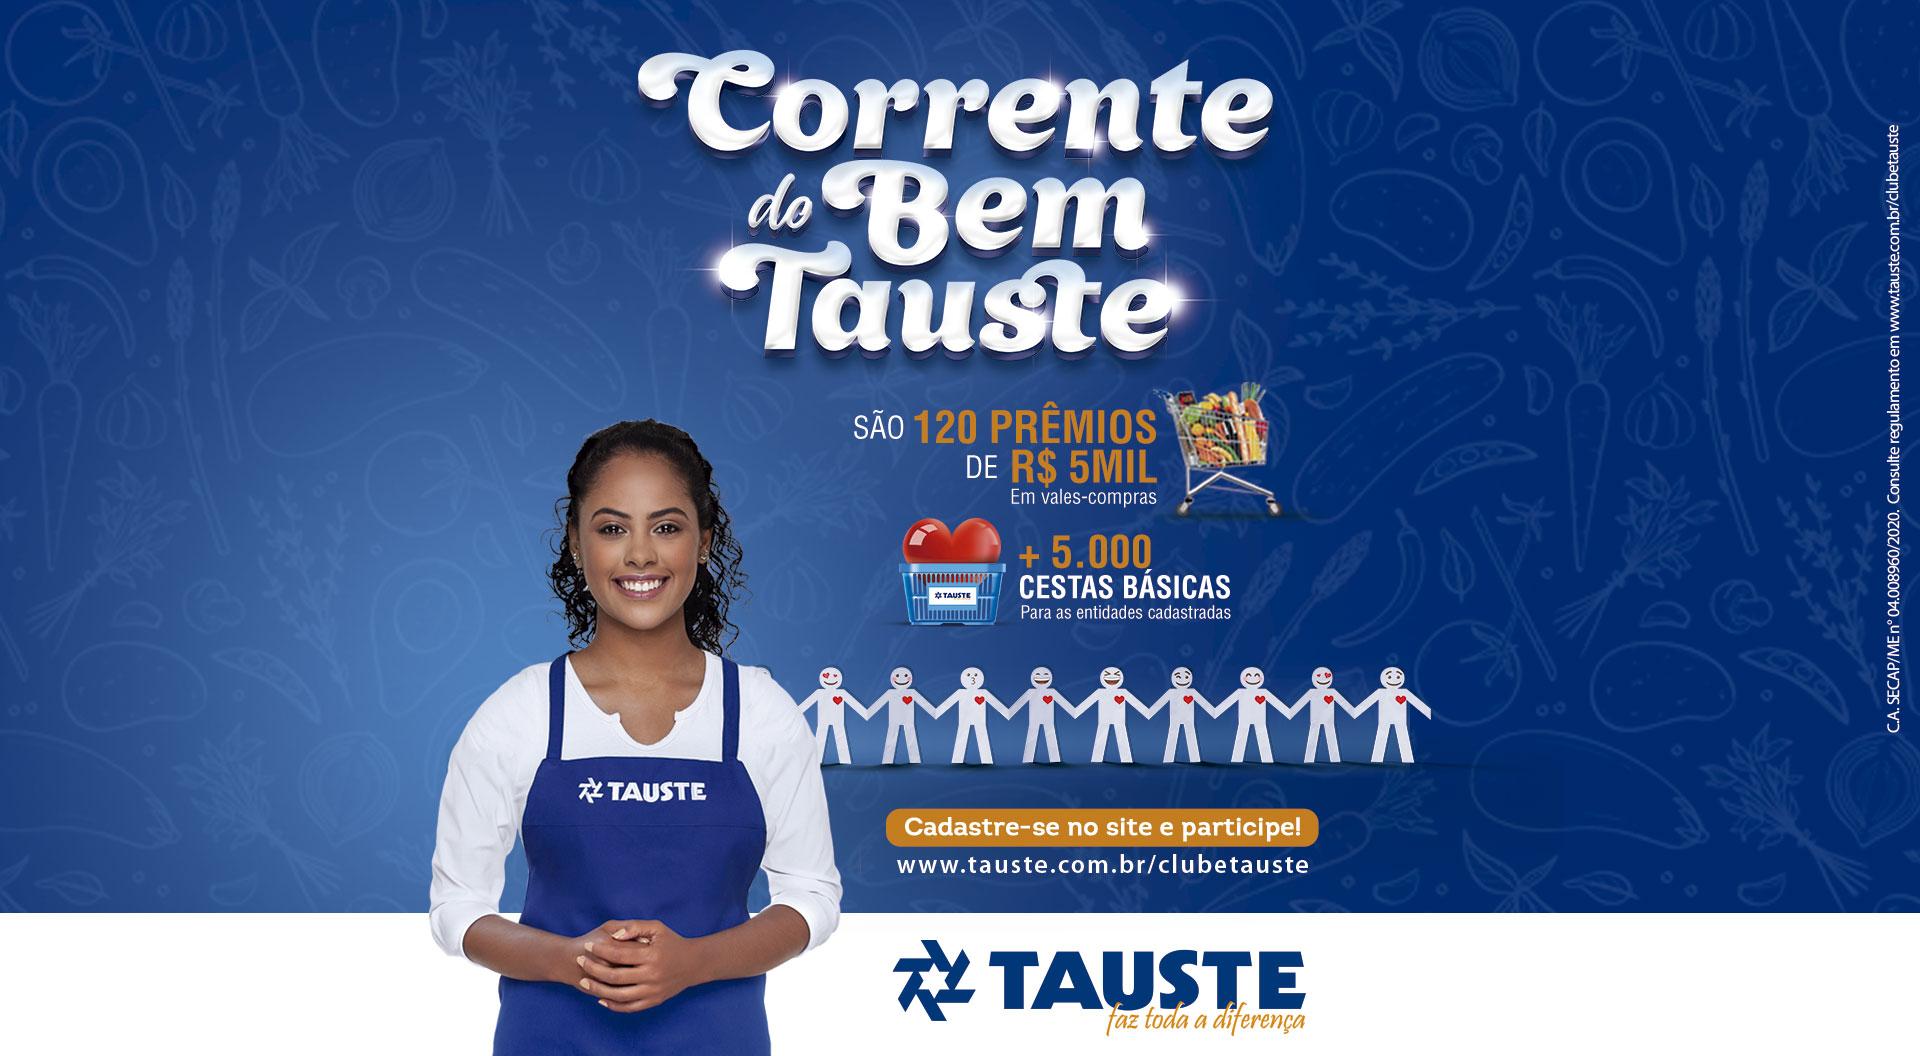 """Promoção """"Corrente do Bem Tauste"""" - 120 prêmios de R$5.000 em vale compras + 5.000 cestas básicas."""